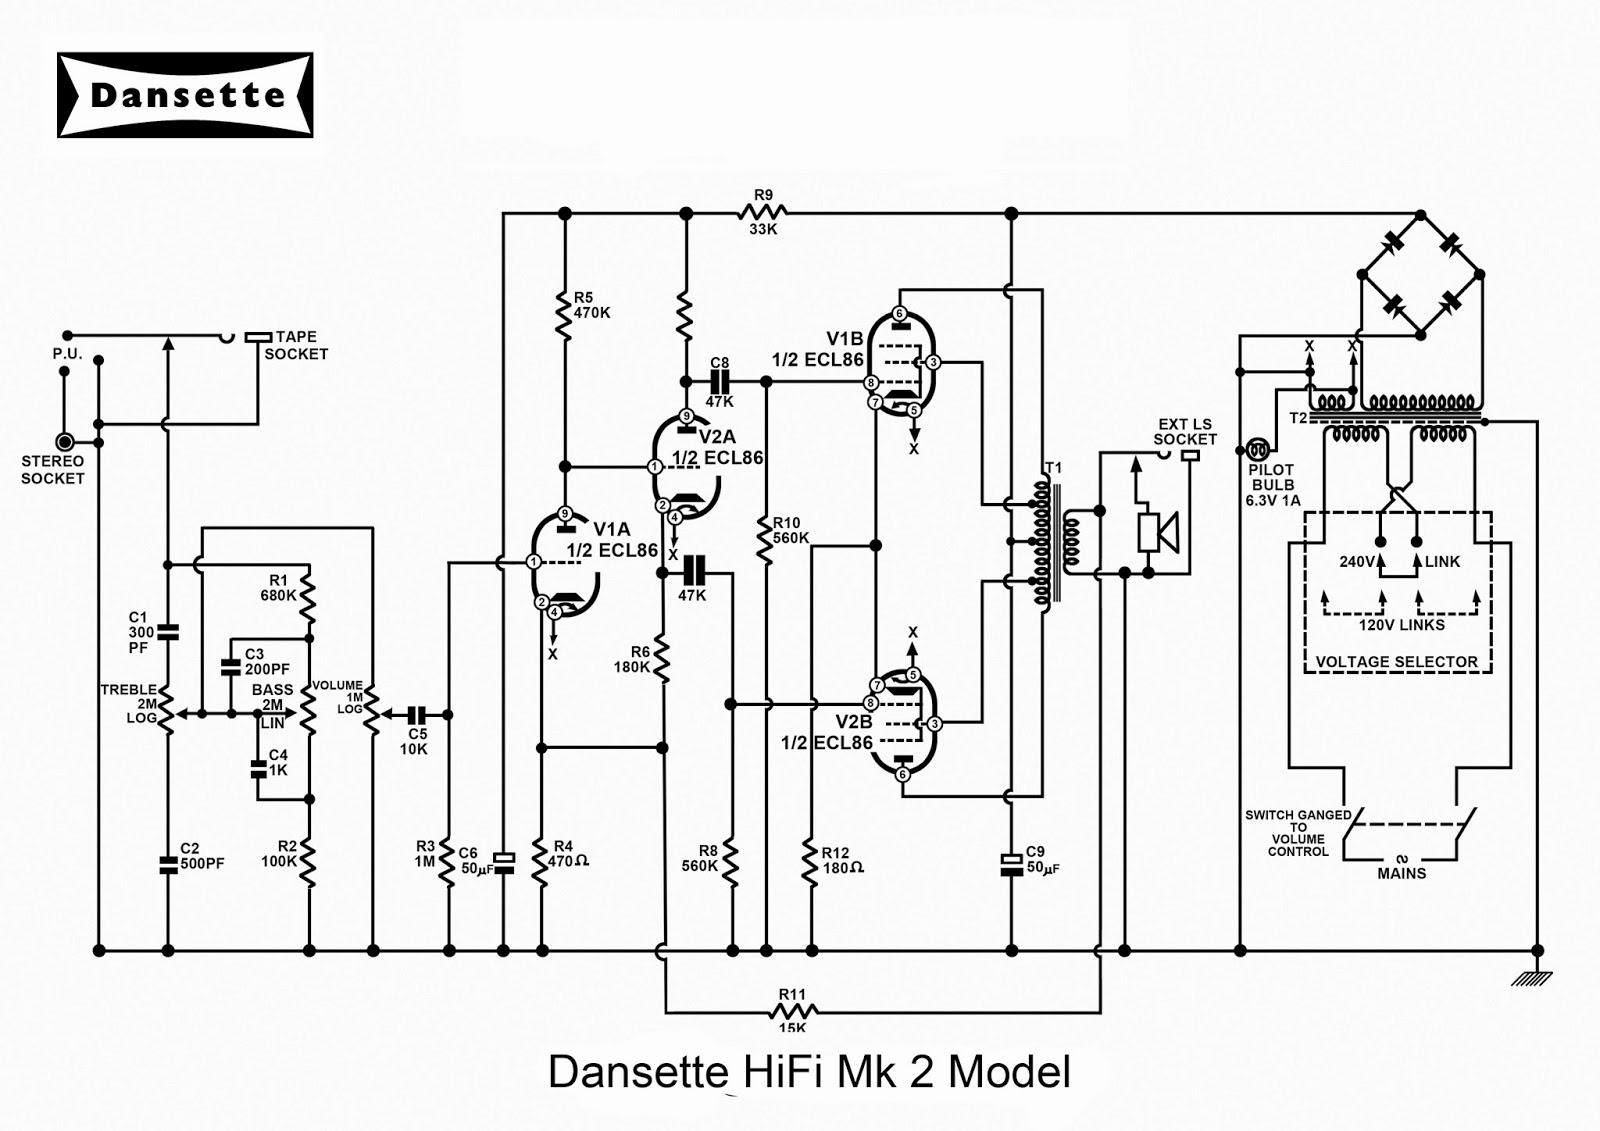 Circuit Diagram Of Hi Fi Amplifier 18w Stereo Hifi Audio Tda2030 Eeweb Community Dansette Workshop A4 Diagrams For Major Deluxe Mk2